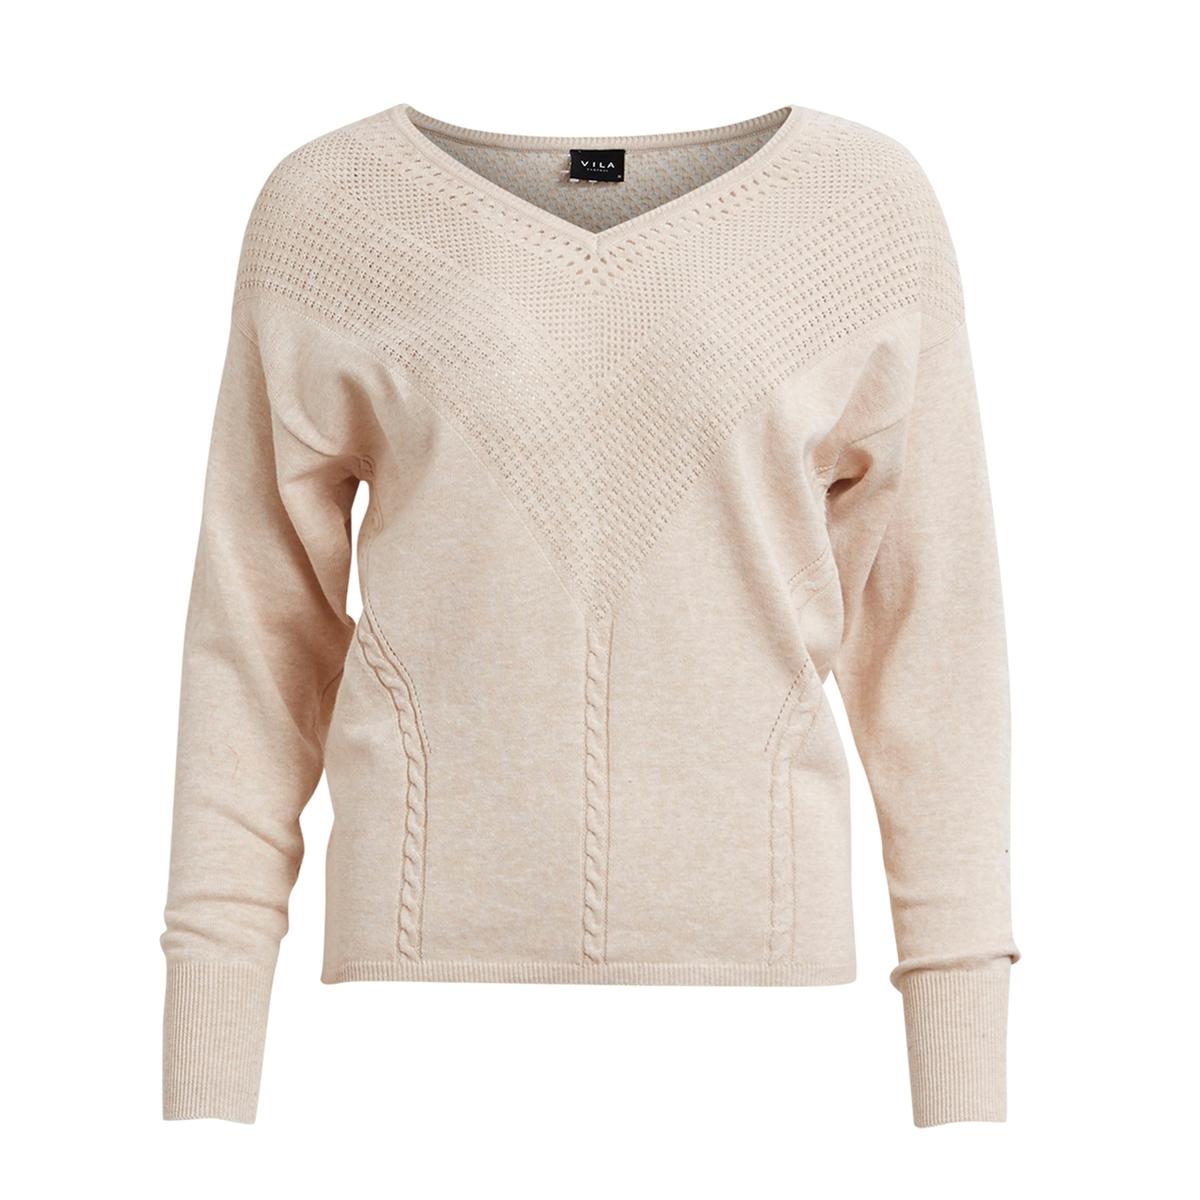 Пуловер с ажурным вырезомМатериал : 100% хлопокДлина рукава : Длинные рукава Форма воротника : V-образный вырез Покрой пуловера : СтандартныйРисунок : Однотонная модель<br><br>Цвет: розово-бежевый<br>Размер: M